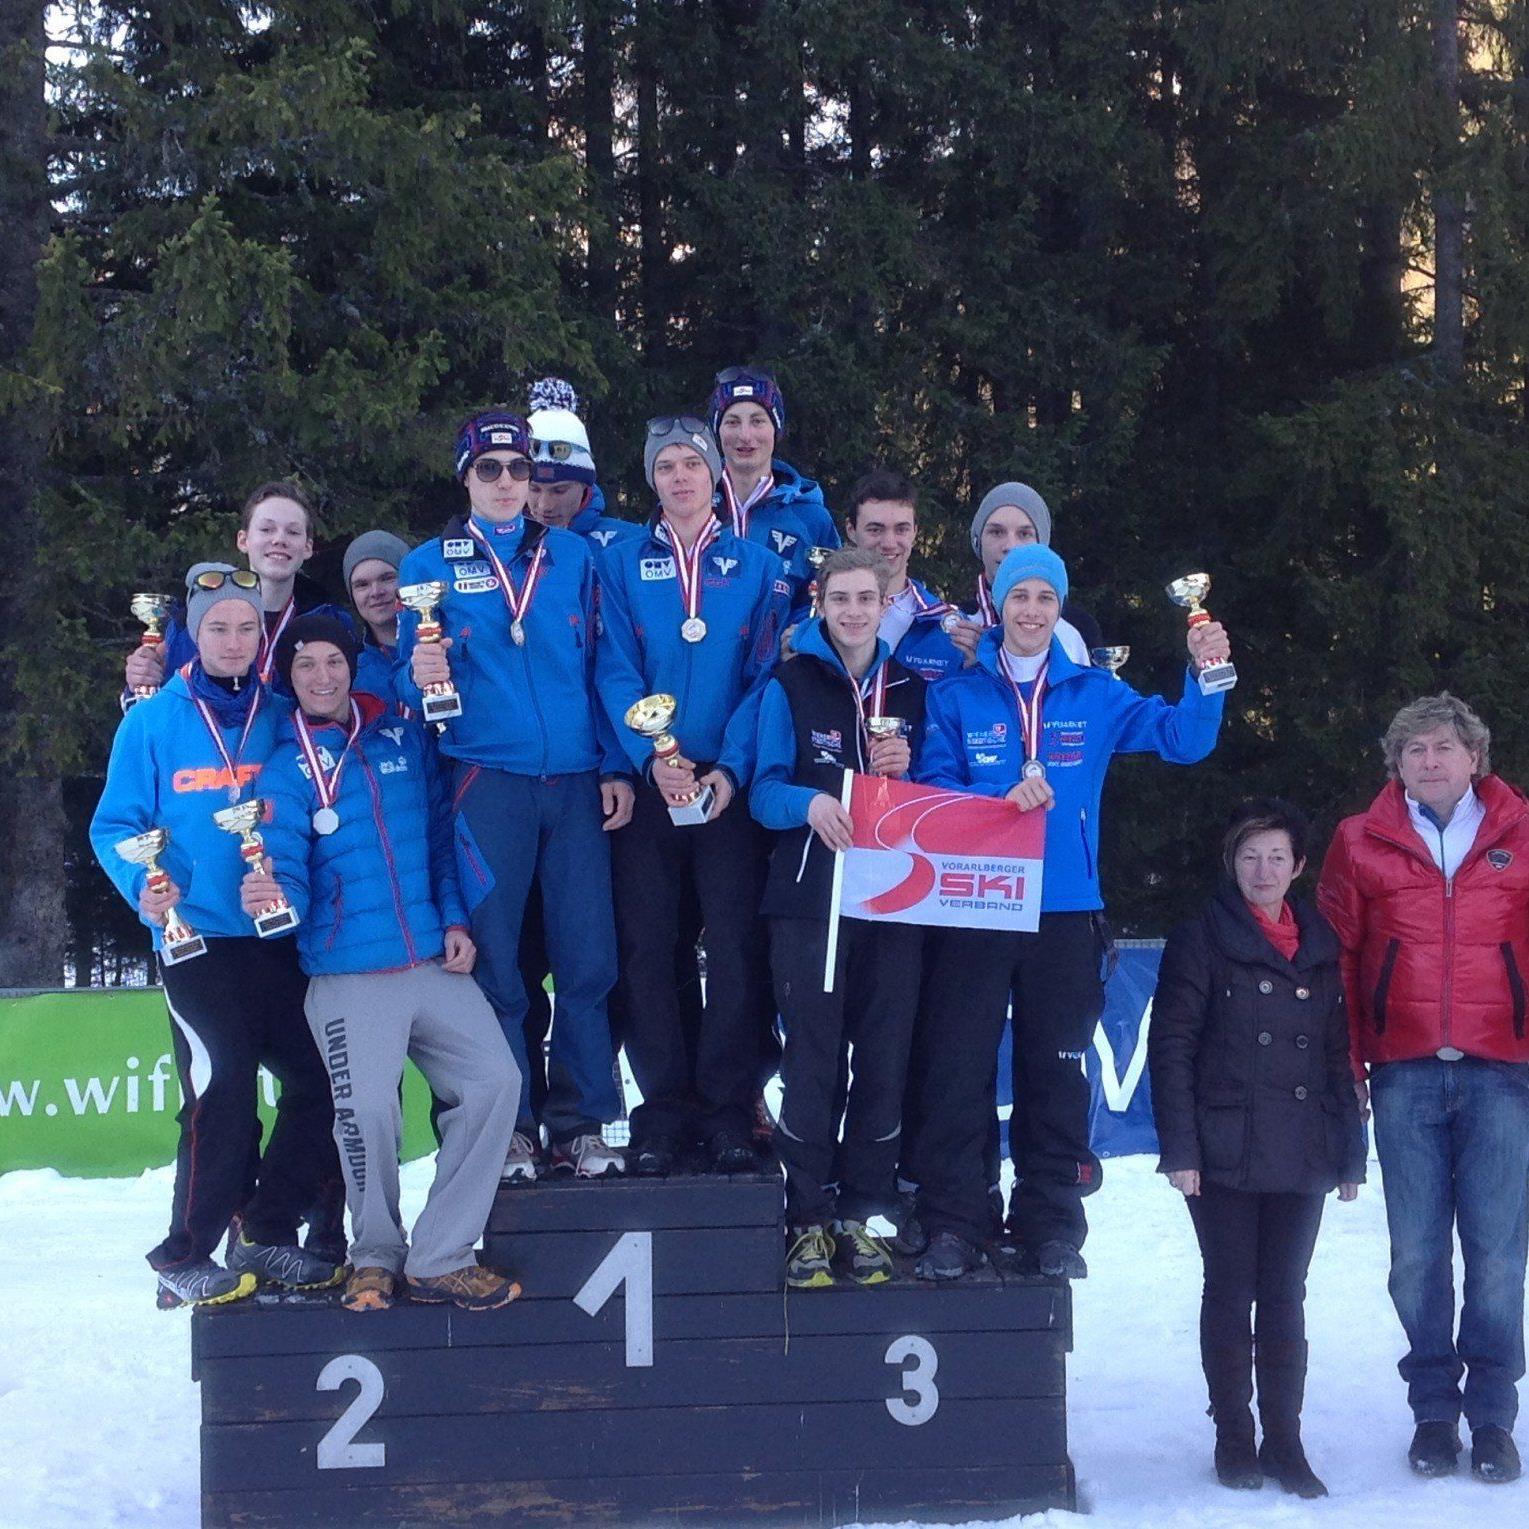 Die vier Vorarlberger Skispringer holten bei den nationalen Titelkämpfen die Bronzemedaille.